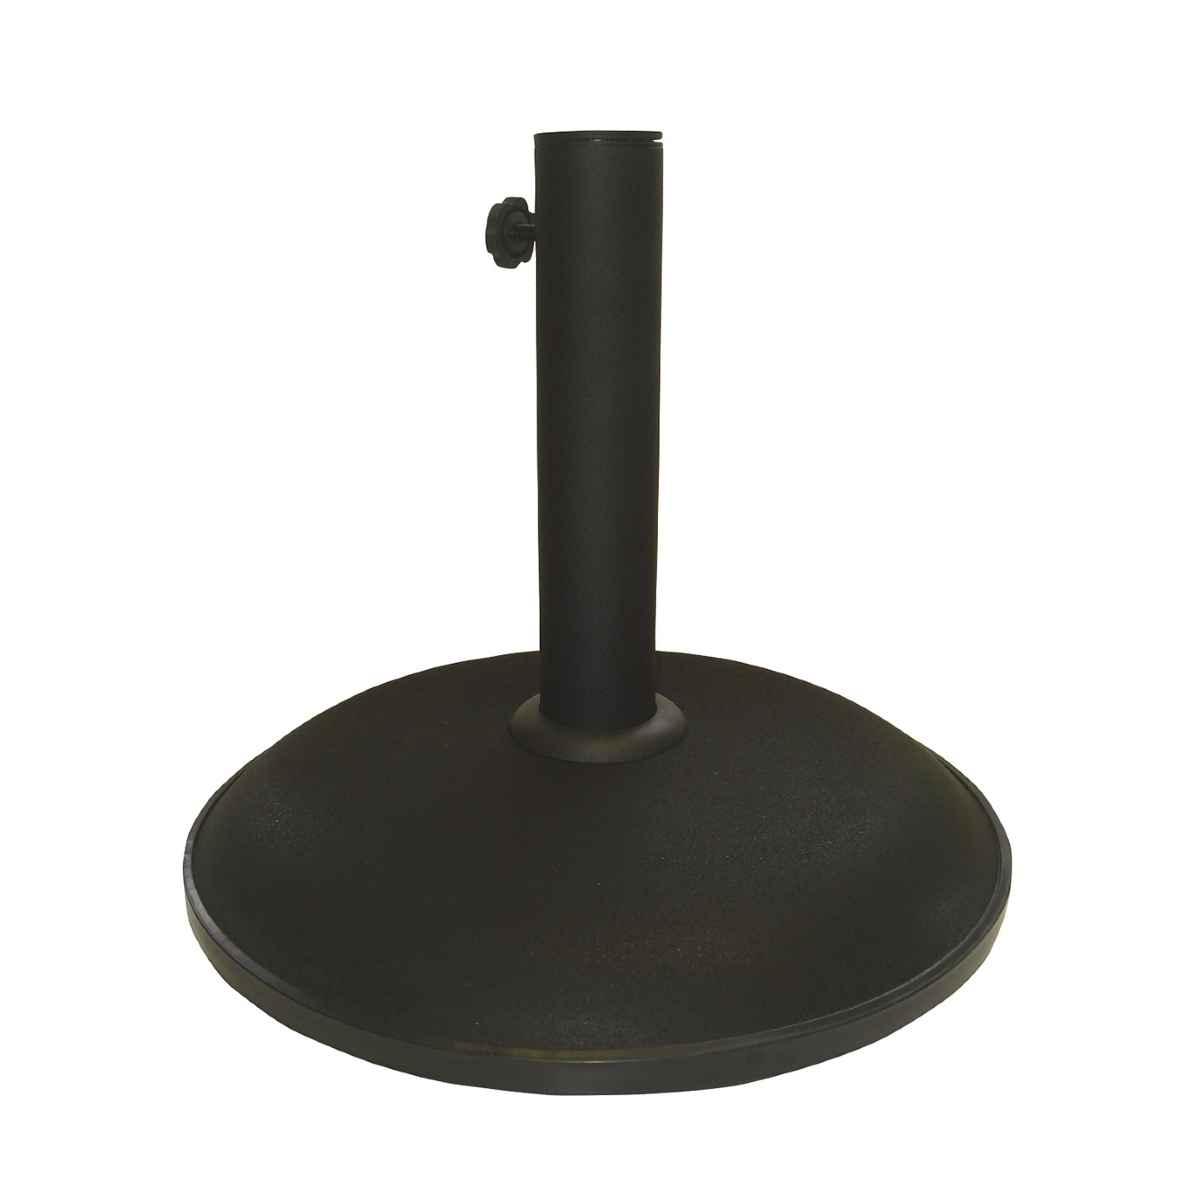 Sturdi Concrete 15kg Parasol Base - Black